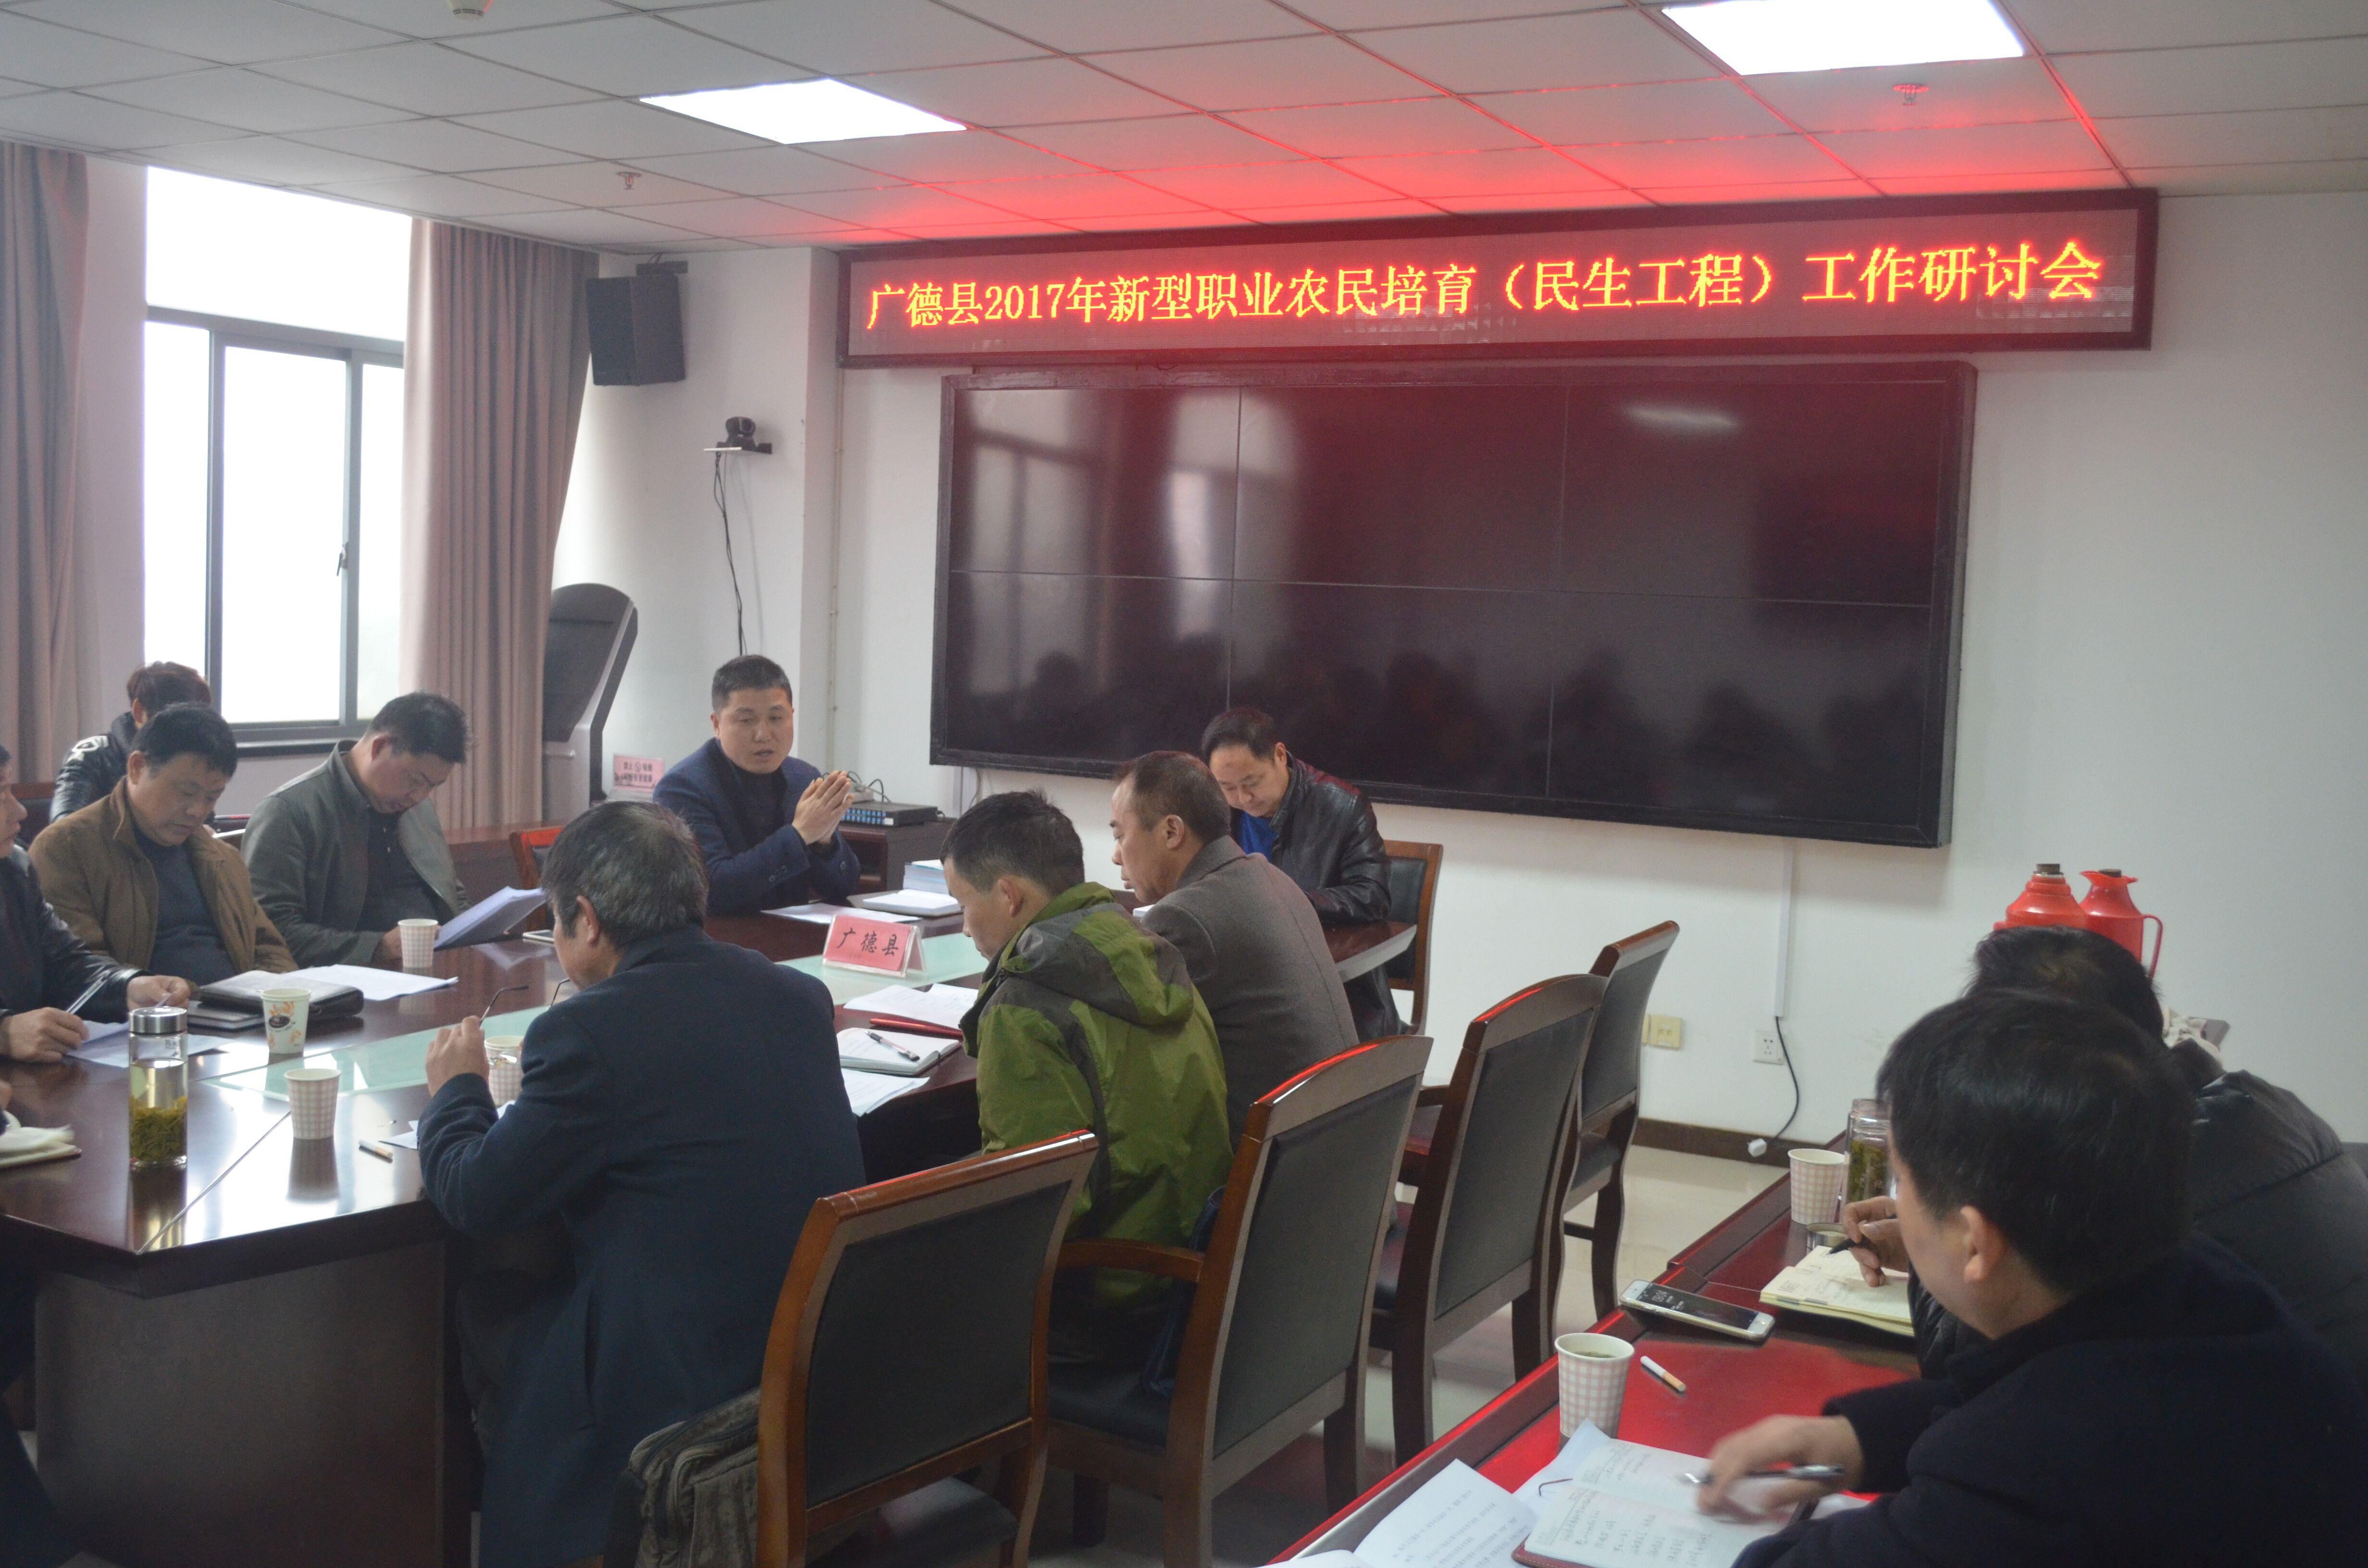 我县召开2017年新型农民培训民生工程工作研讨会